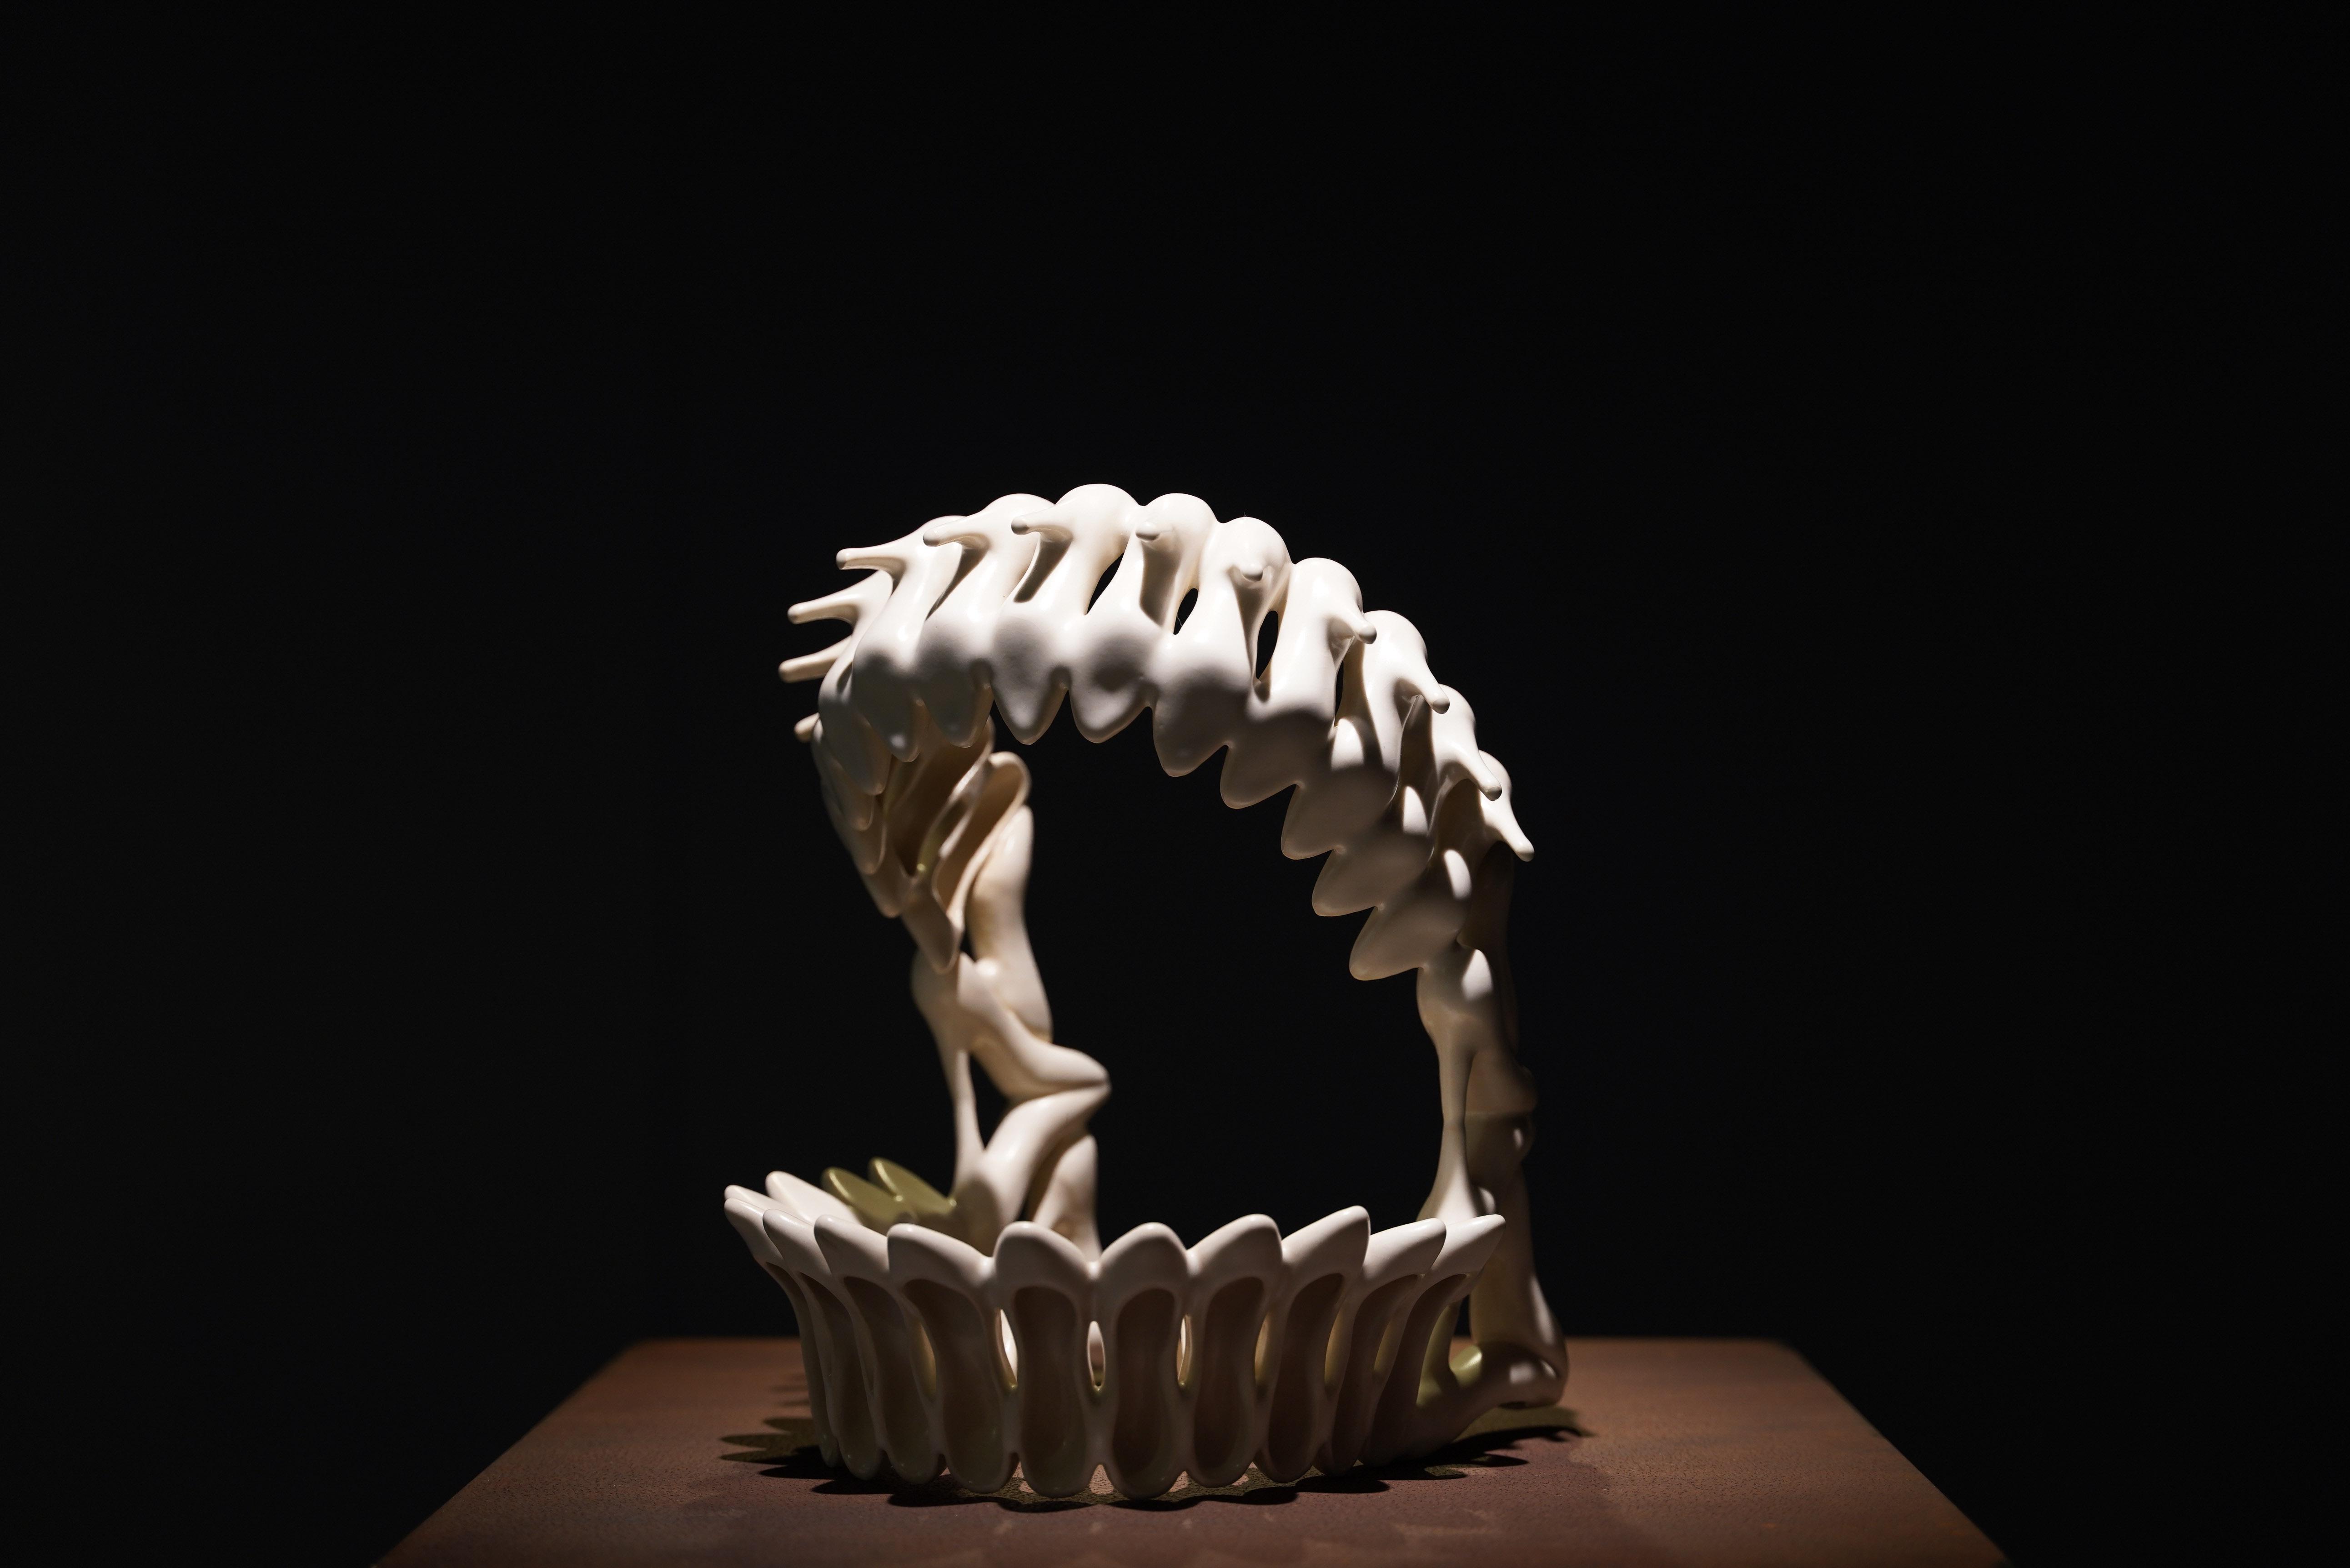 牙齒造型的《噬》為初期作品,傳達鞋子看似溫柔細緻,但有咬腳不適的矛盾。